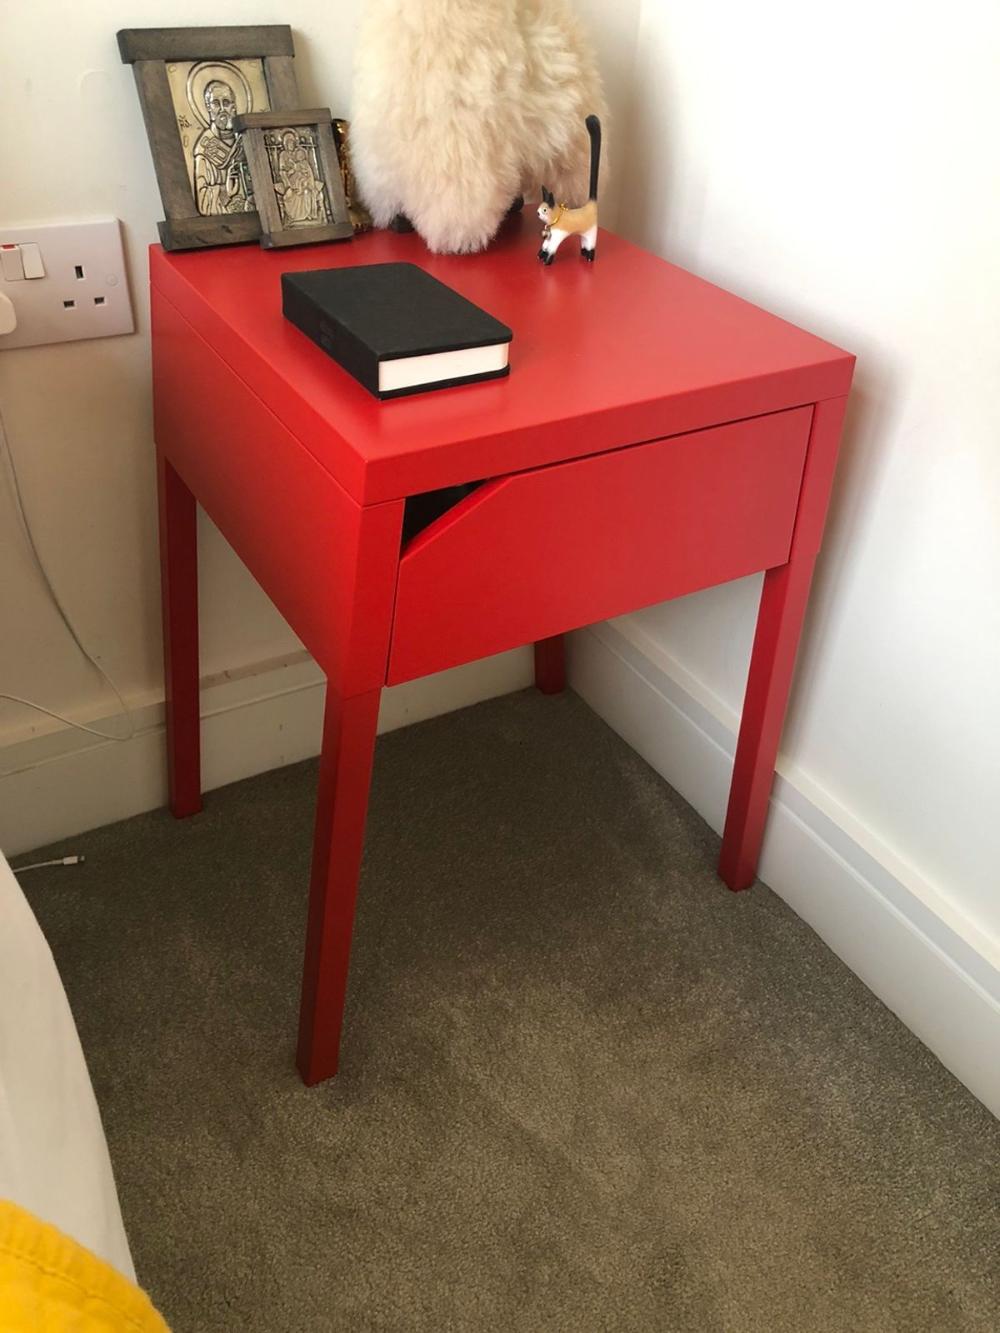 Ikea Selje Metal Bedside Table [ 1333 x 1000 Pixel ]